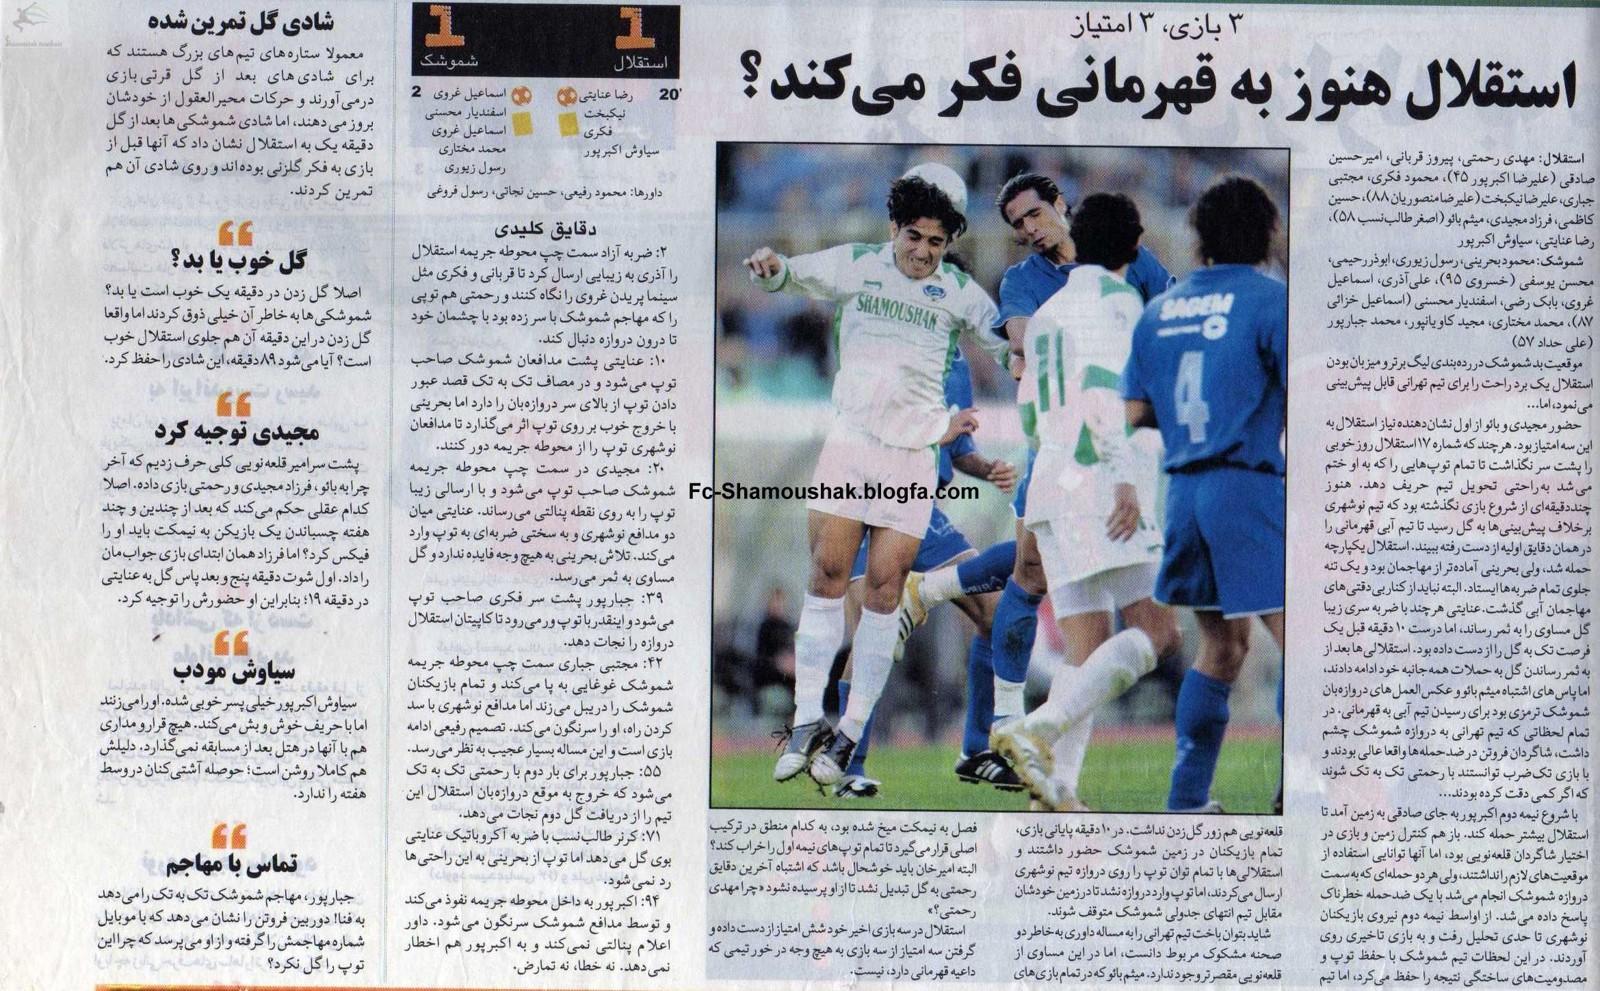 http://fc-shamoushak.persiangig.com/image/rozname-goal-shamoushak-esteghlal.jpg